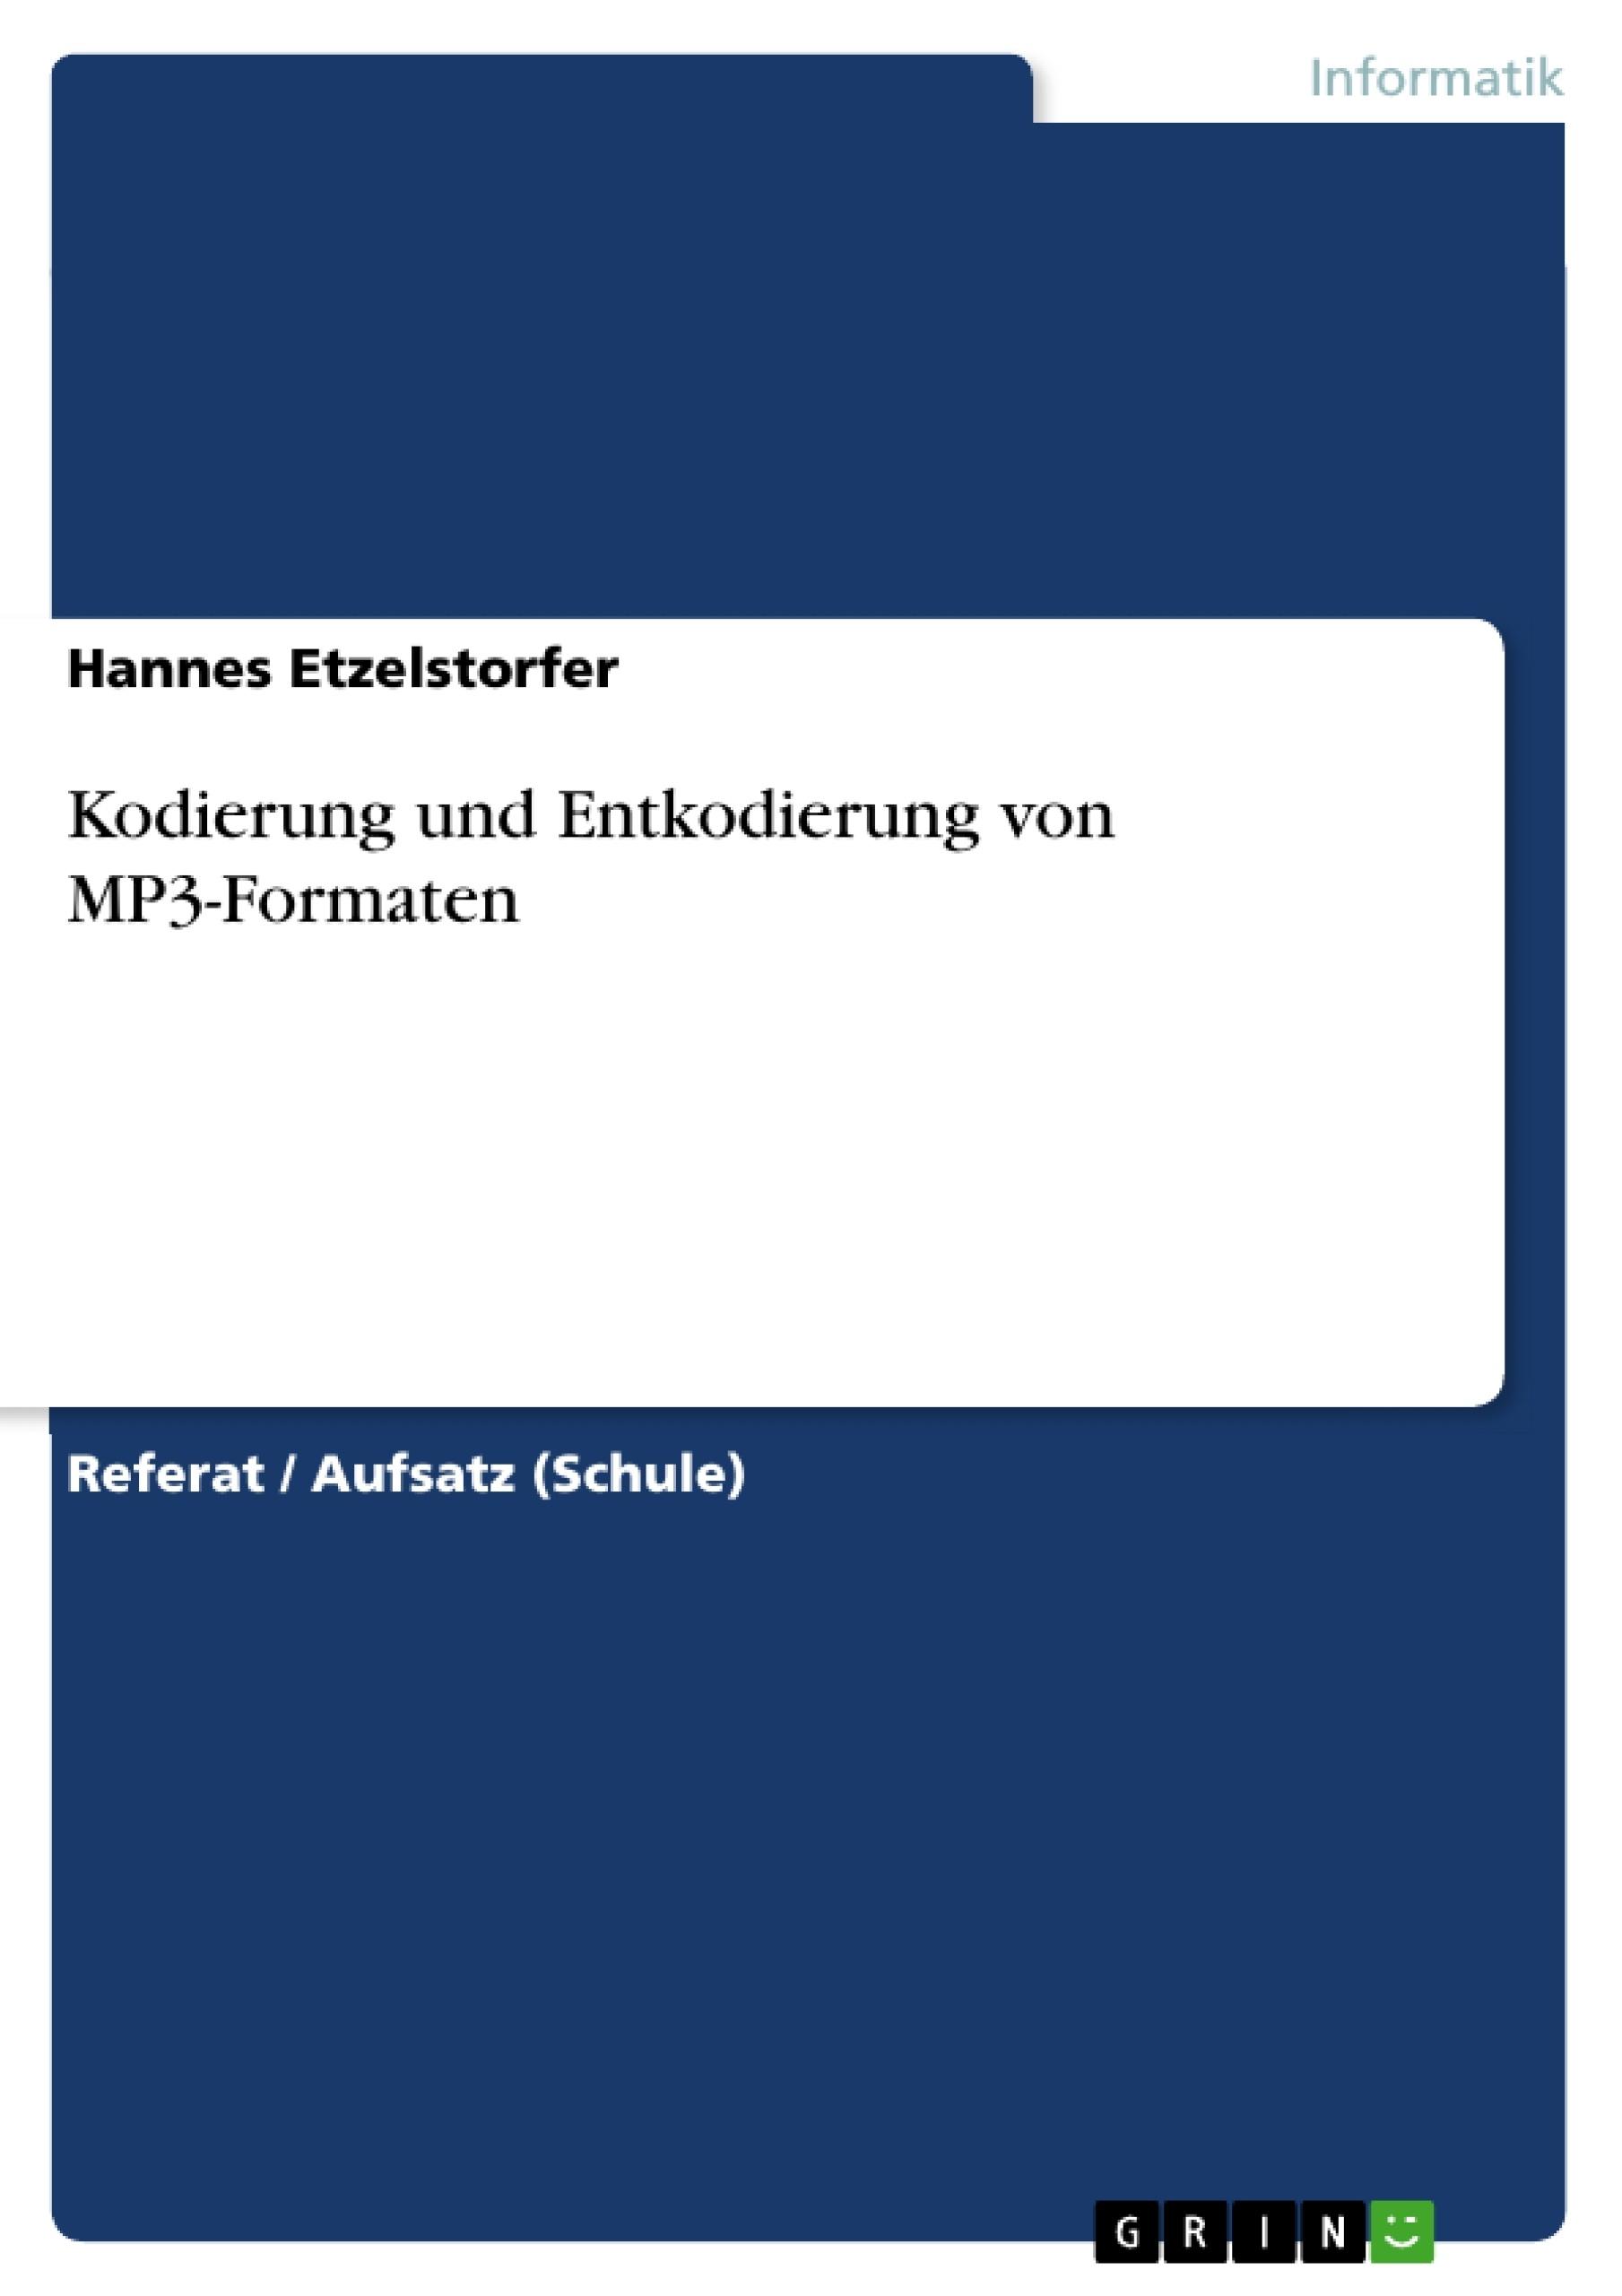 Titel: Kodierung und Entkodierung von MP3-Formaten